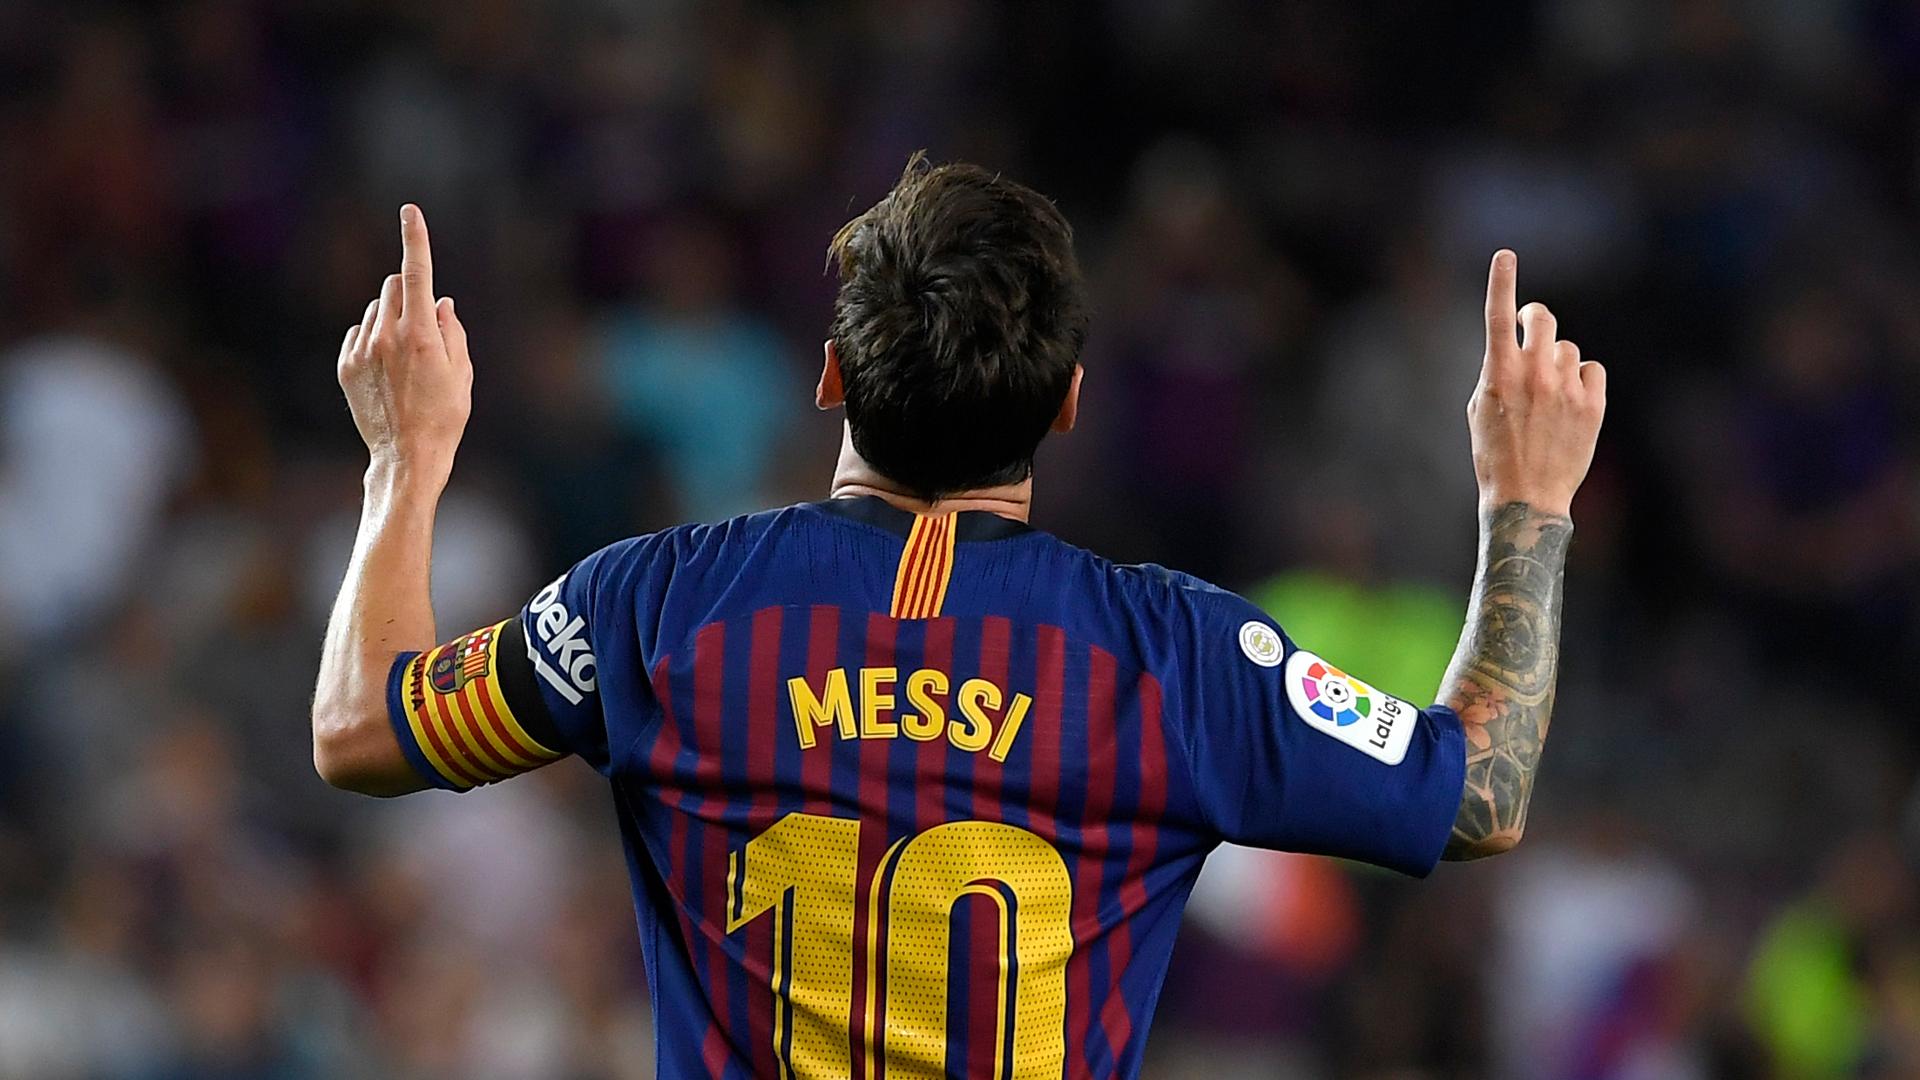 Çfarë do të bëjë Messi pasi të pensionohet?